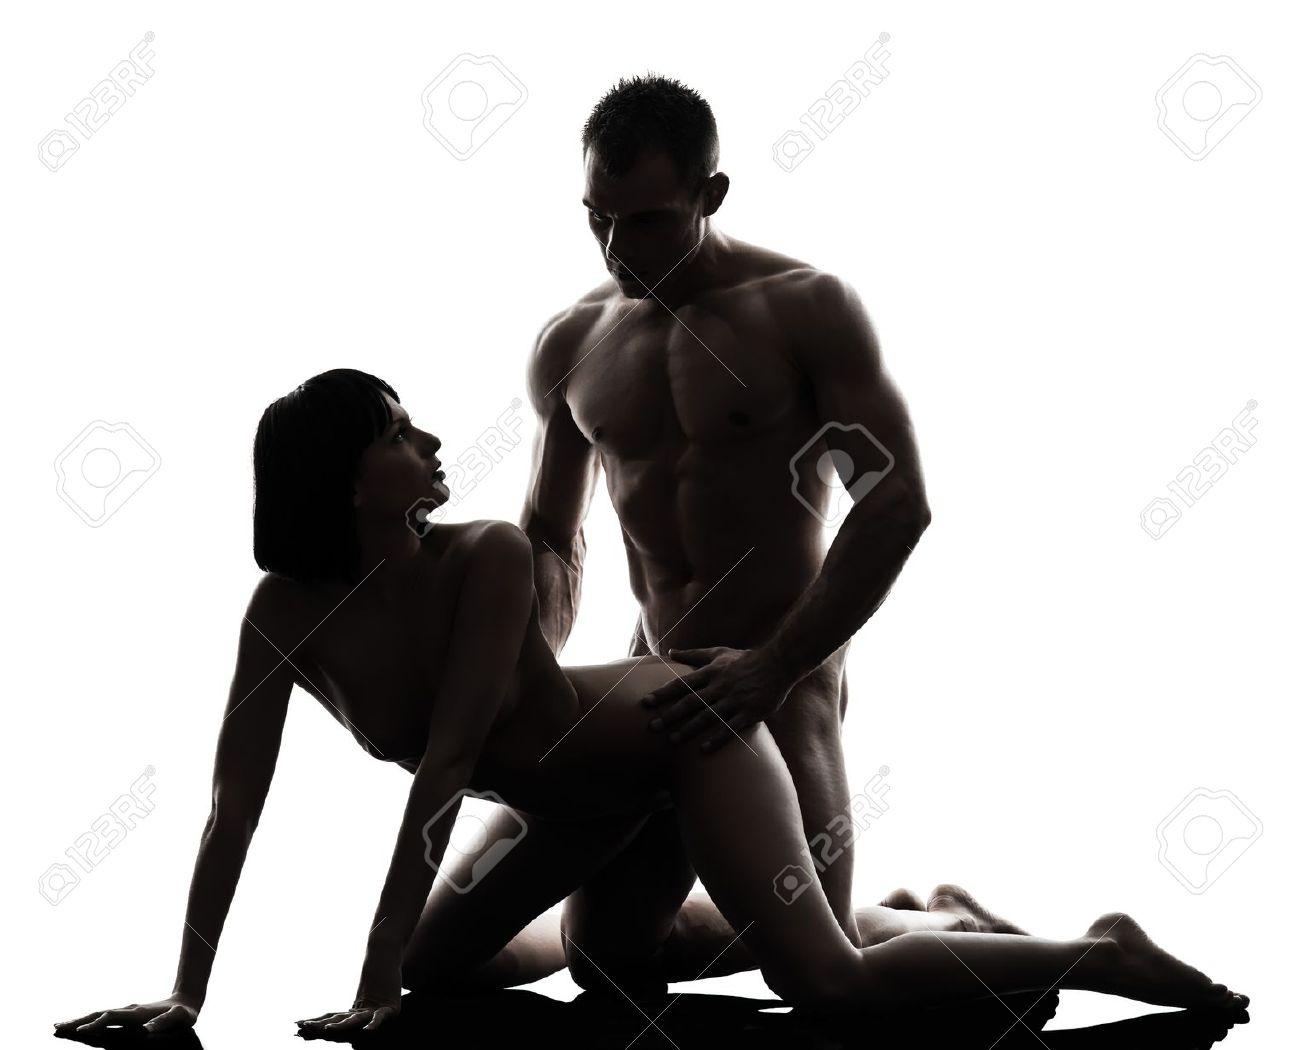 Позы в сексе для скрытия полной фигуры фото 443-375